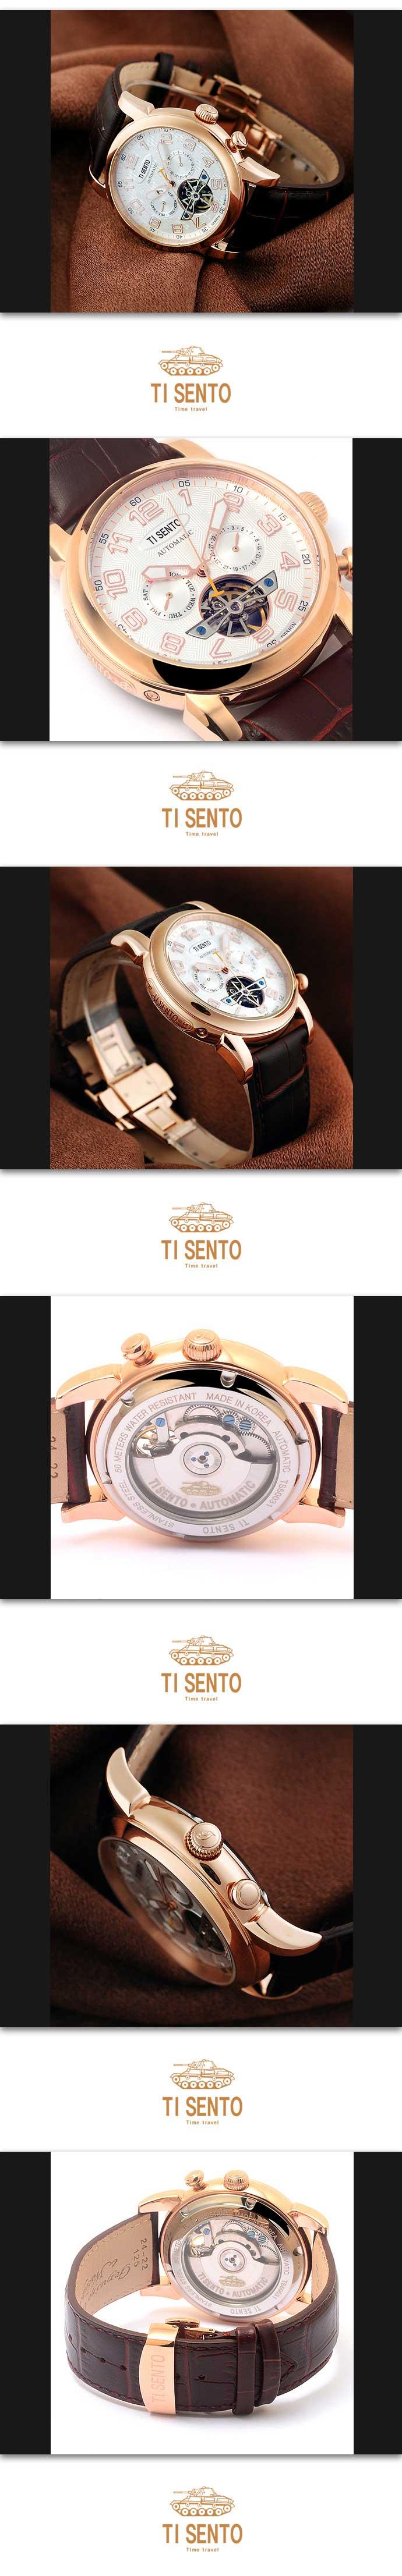 ساعت مچی مردانه تی سنتو TS50031RGW_MULTI_detail